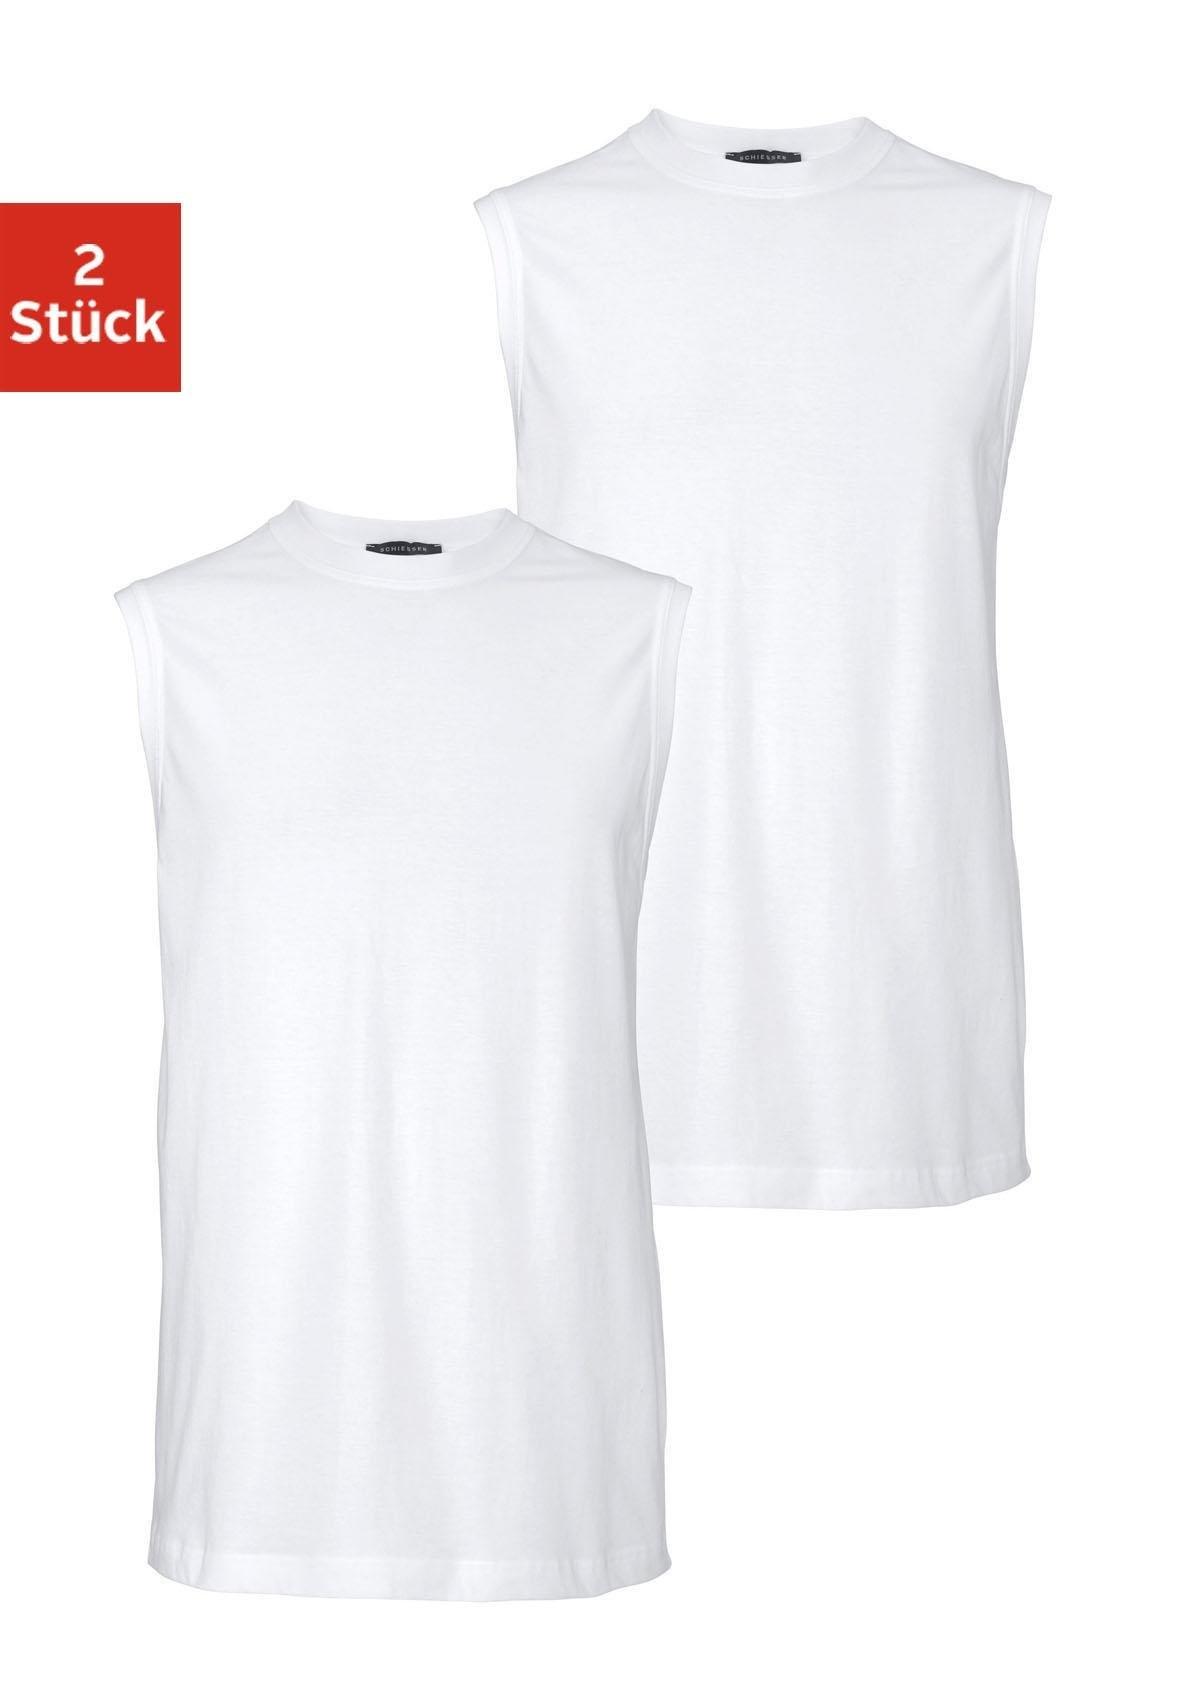 Schiesser muscle-shirt wit (set van 2) voordelig en veilig online kopen